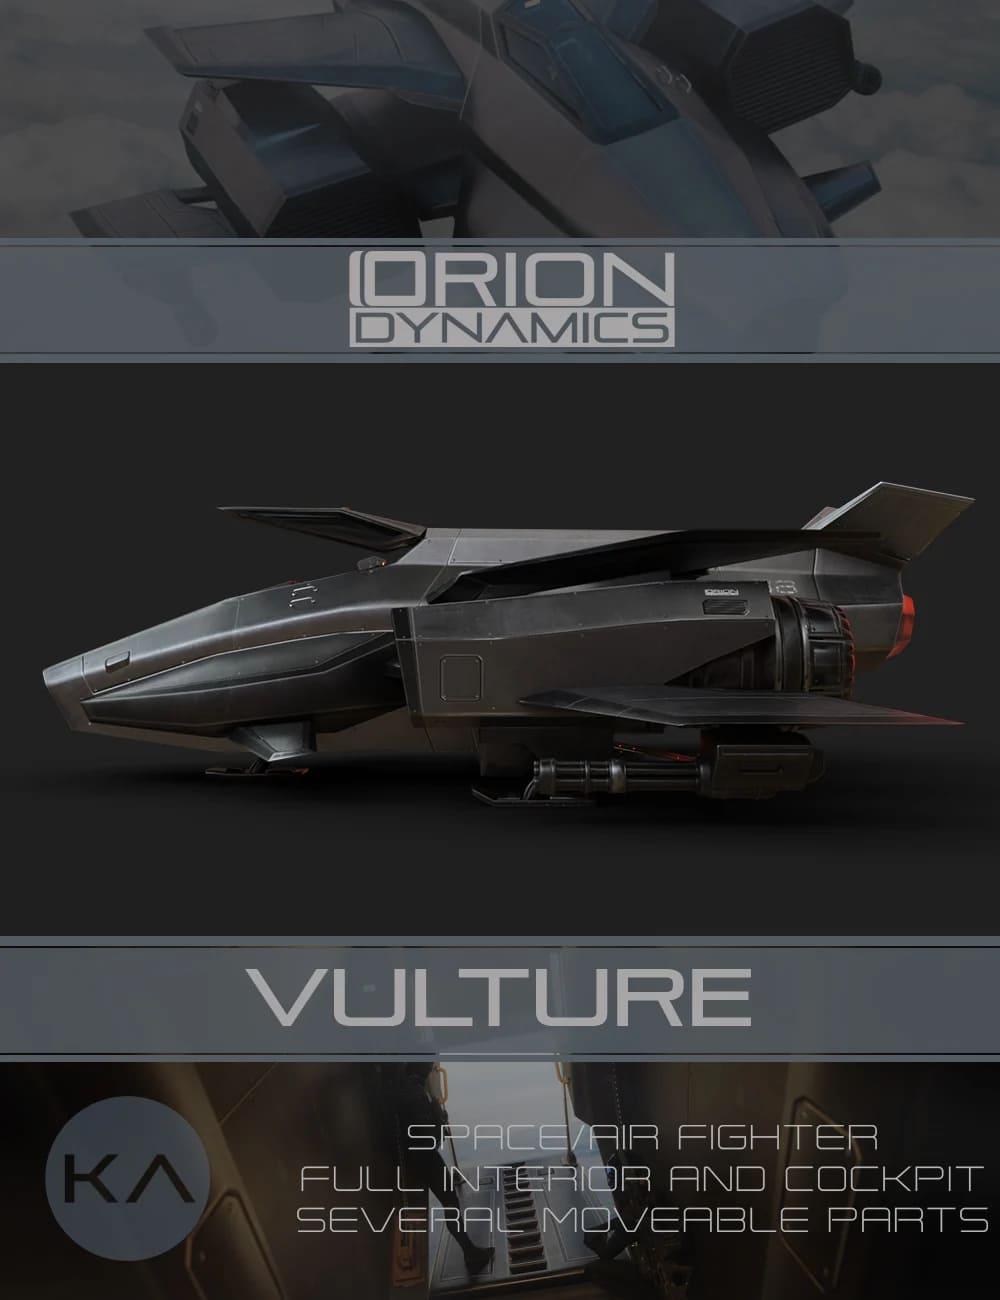 Orion Dynamics: Vulture_DAZ3D下载站